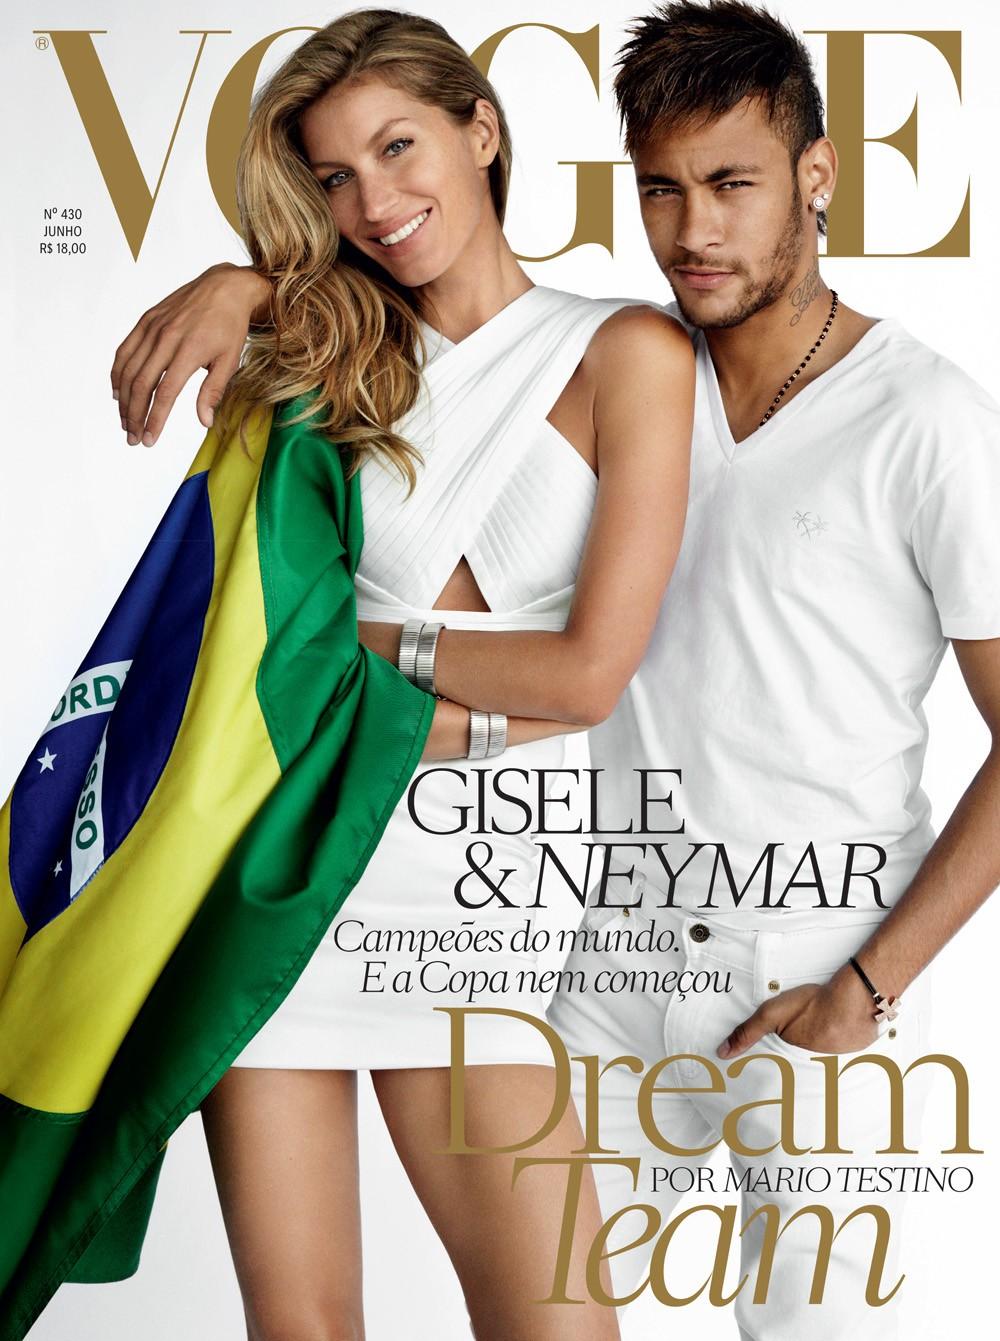 Gisele Bündchen e Neymar na edição de junho da Vogue Brasil (Foto: Mario Testino )